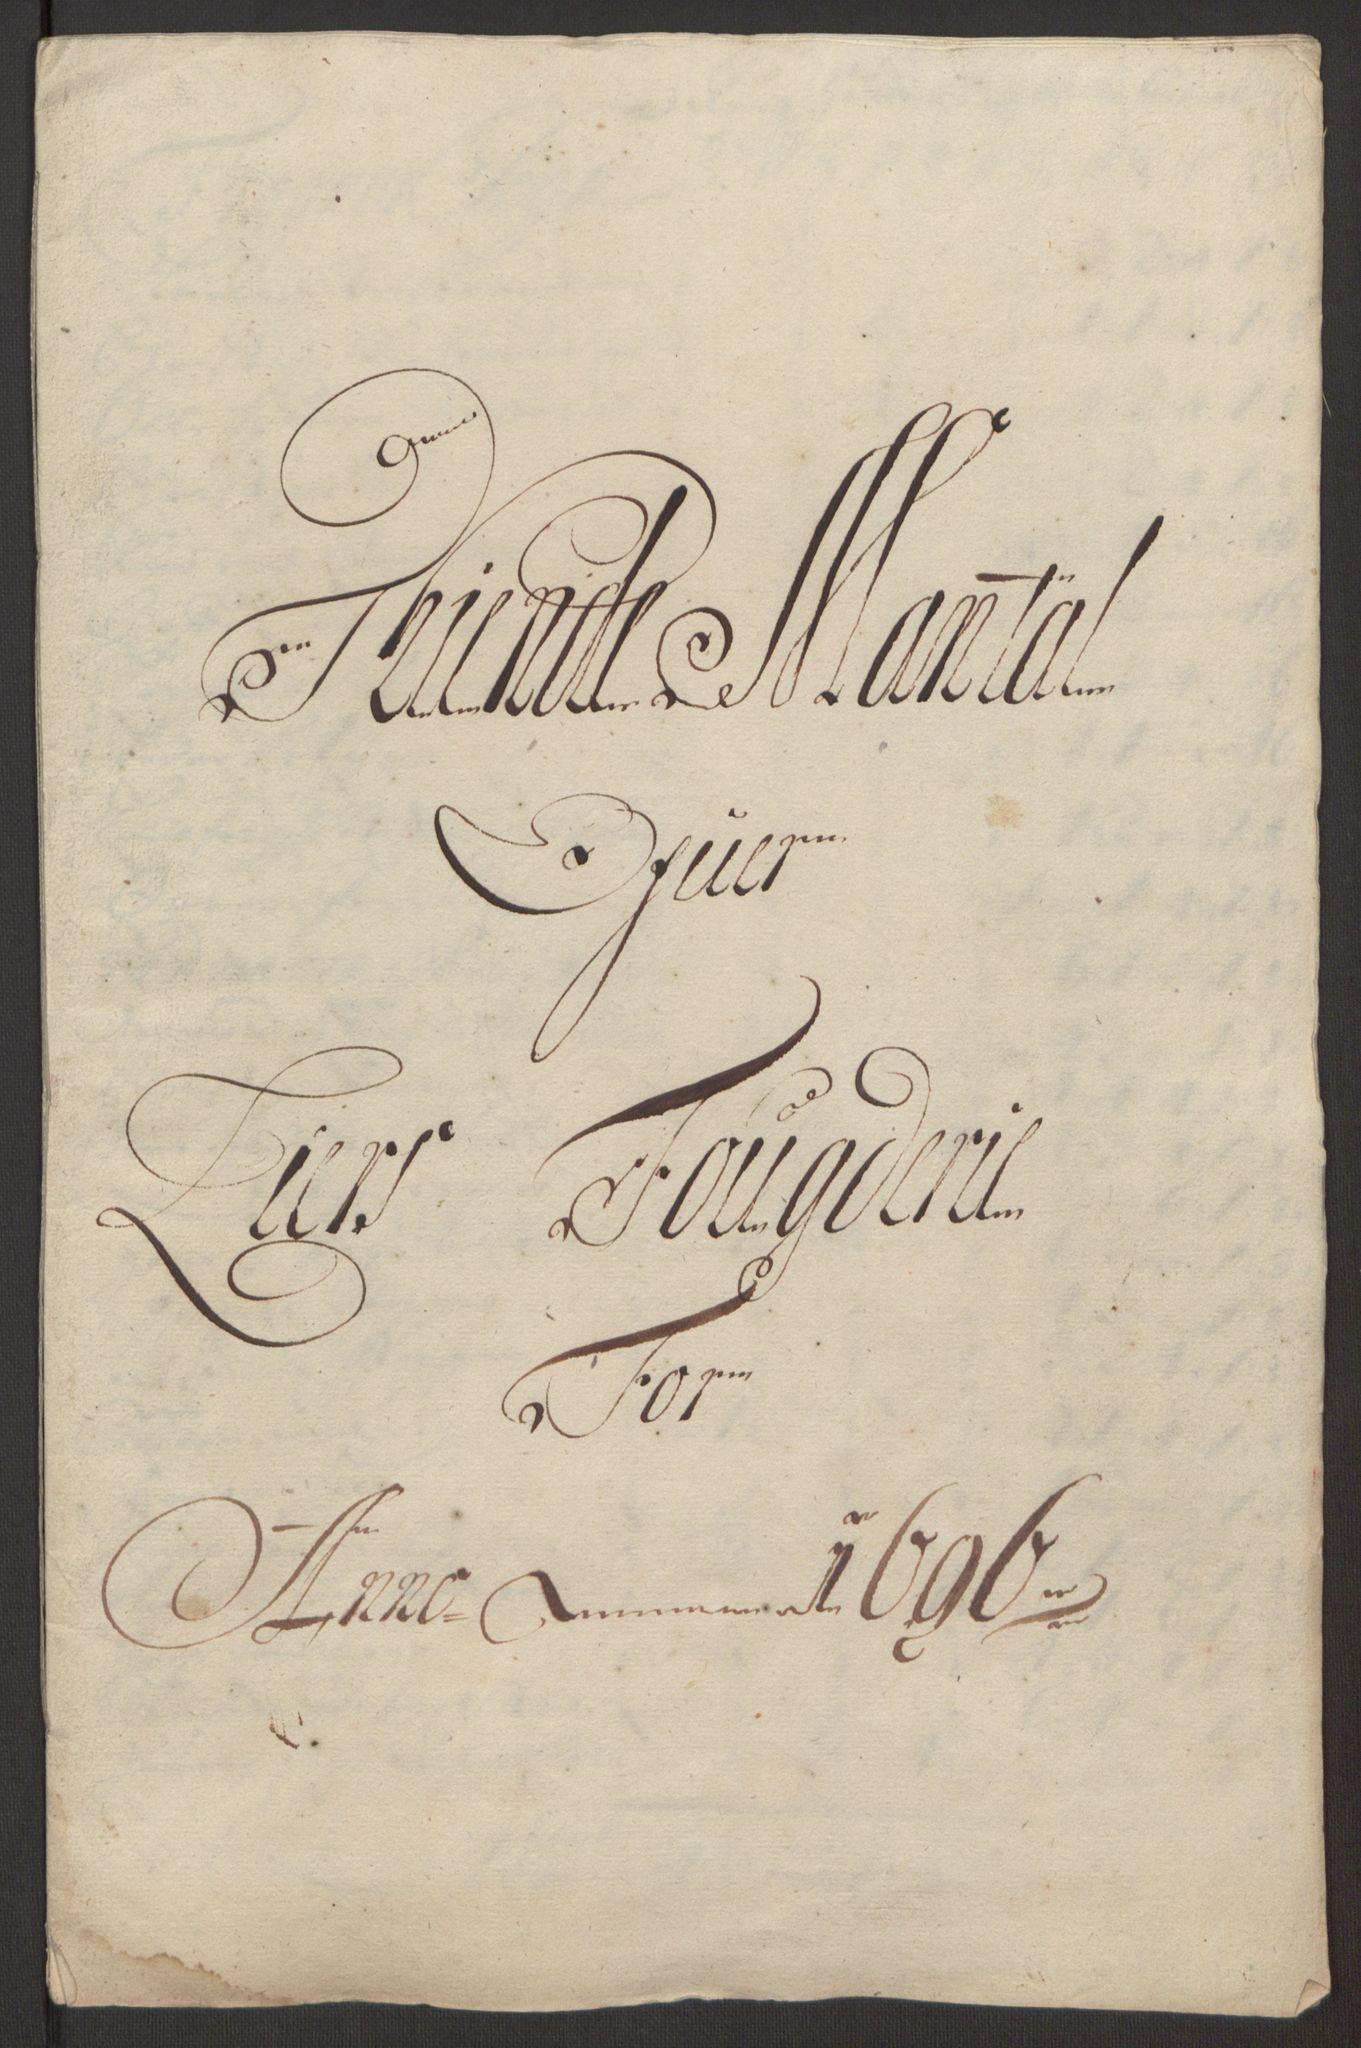 RA, Rentekammeret inntil 1814, Reviderte regnskaper, Fogderegnskap, R30/L1694: Fogderegnskap Hurum, Røyken, Eiker og Lier, 1694-1696, s. 323